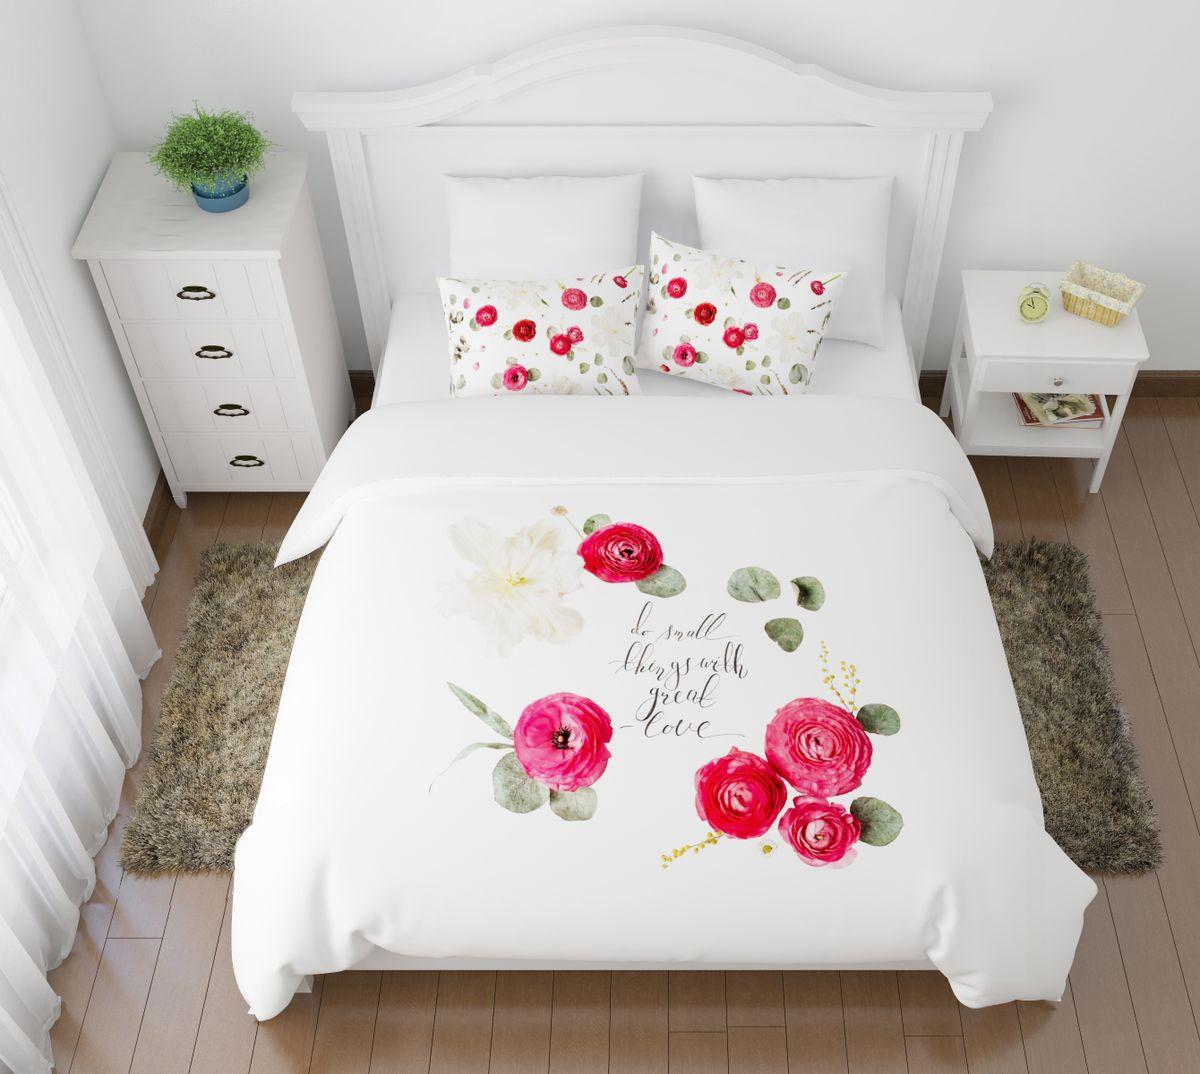 Комплект белья Сирень Веросса, 1,5-спальный, наволочки 50x7010503Комплект постельного белья Сирень состоит из простыни, пододеяльника и 2 наволочек. Комплект выполнен из современных гипоаллергенных материалов. Приятный при прикосновении сатин - гарантия здорового, спокойного сна. Ткань хорошо впитывает влагу, надолго сохраняет яркость красок. Четкий, изящный рисунок в сочетании с насыщенными красками делает комплект постельного белья неповторимой изюминкой любого интерьера. Постельное белье идеально подойдет для подарка.